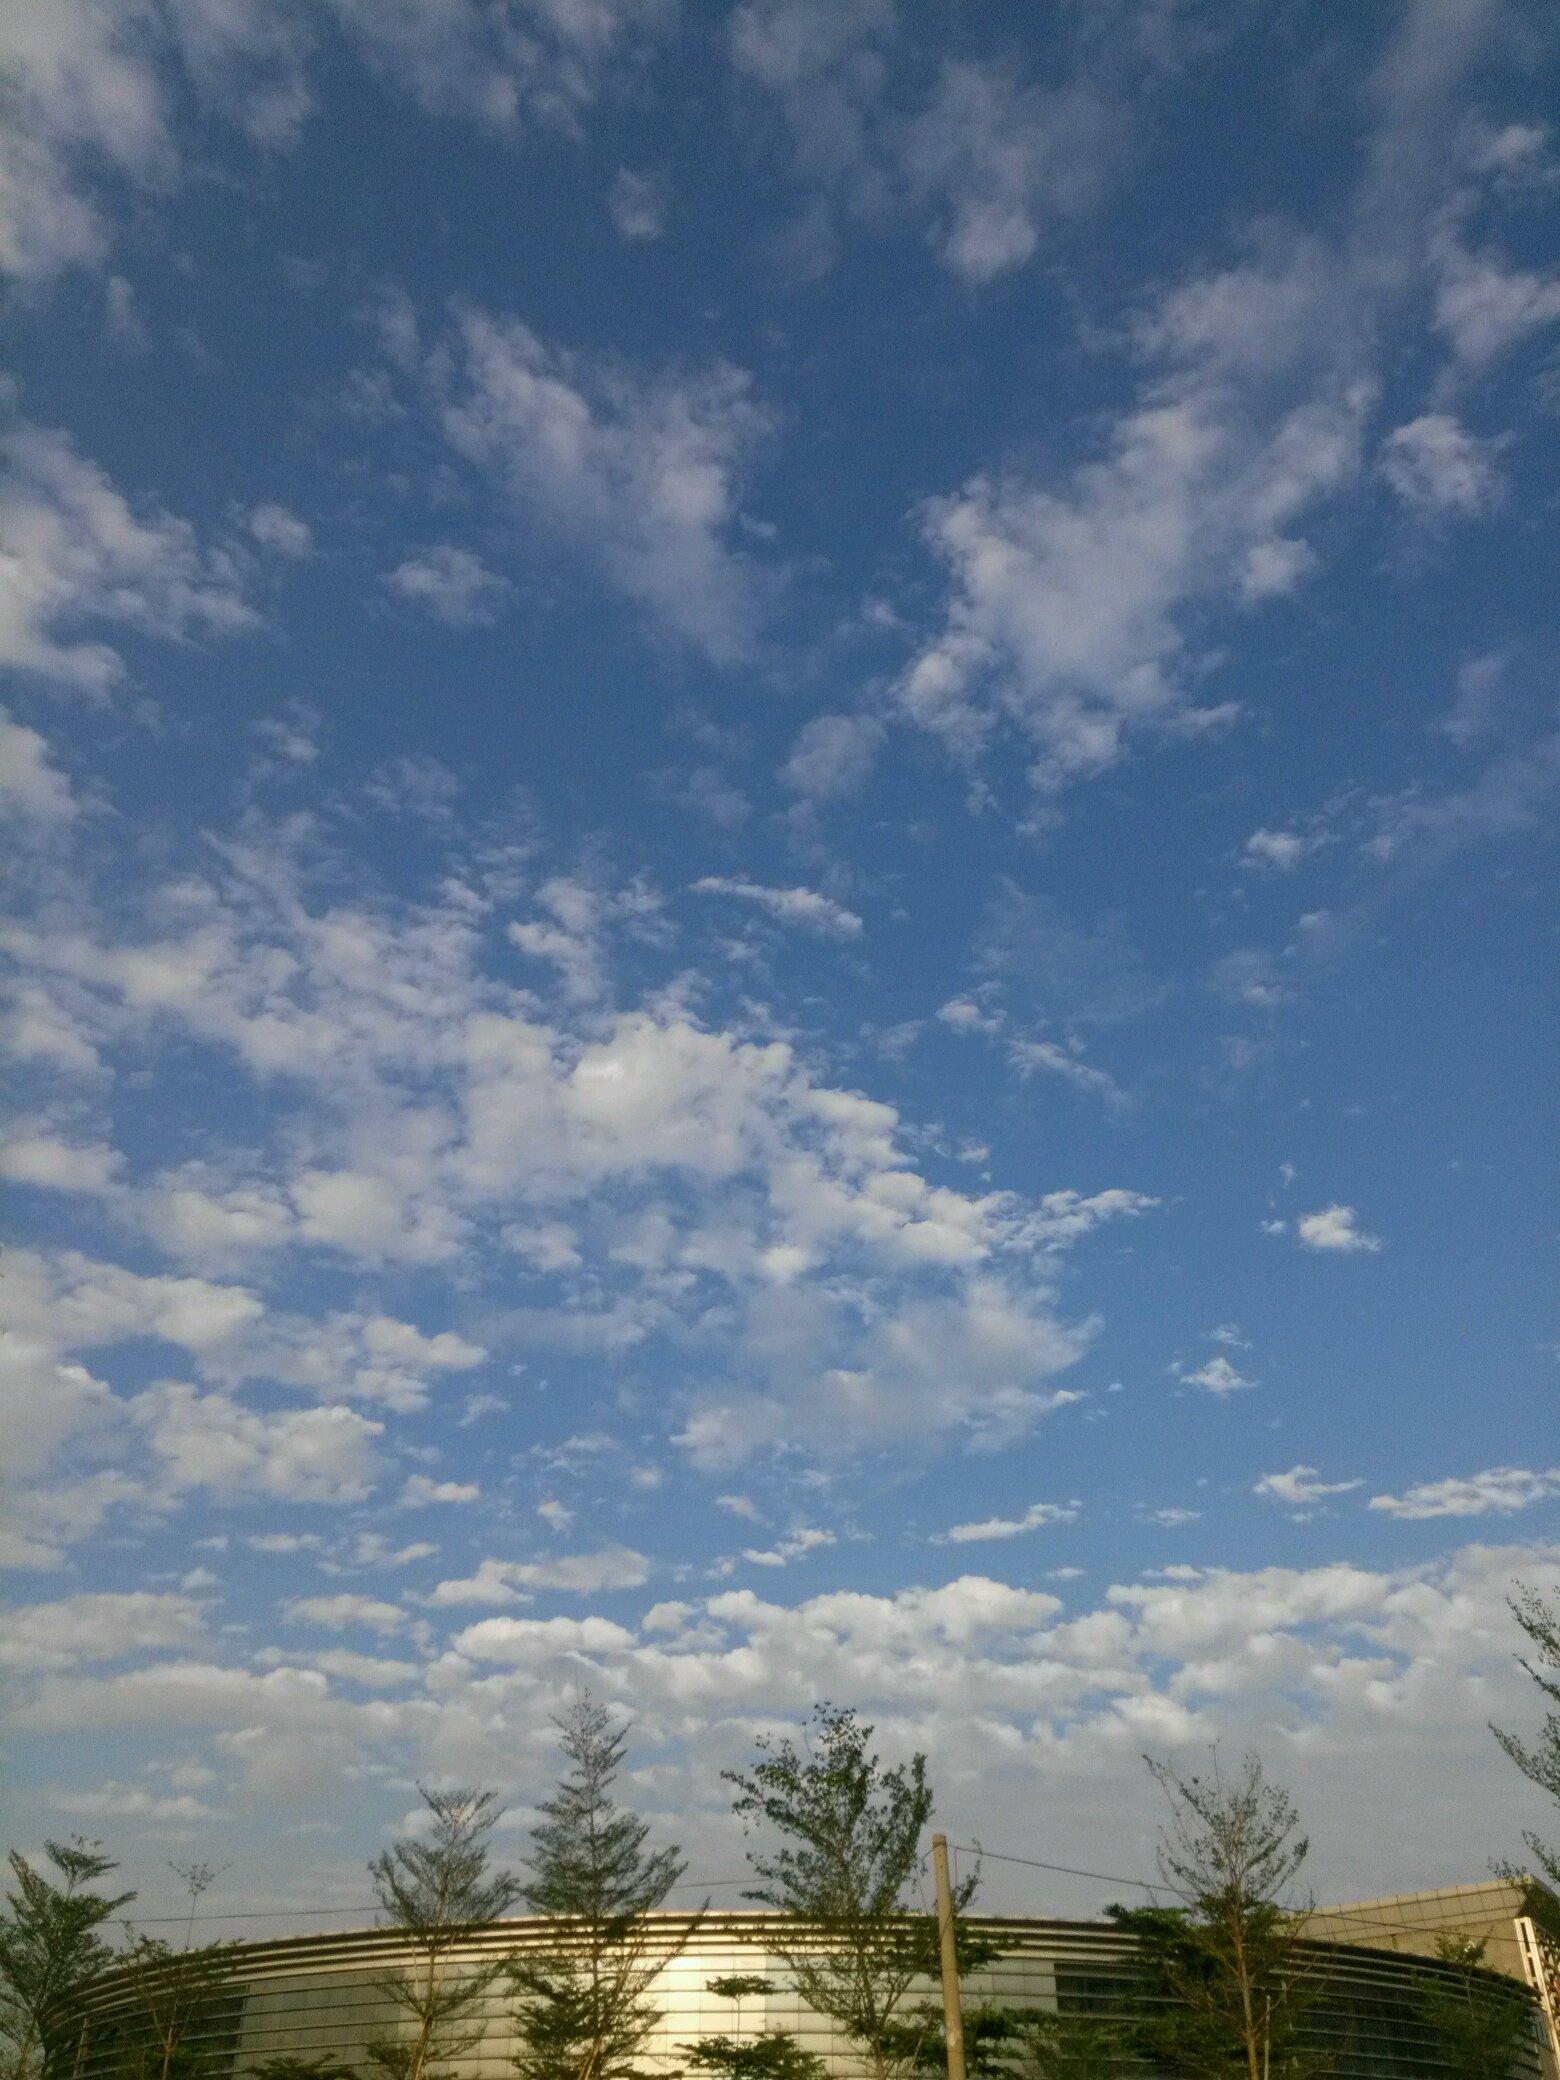 【最美天空】蓝天白云